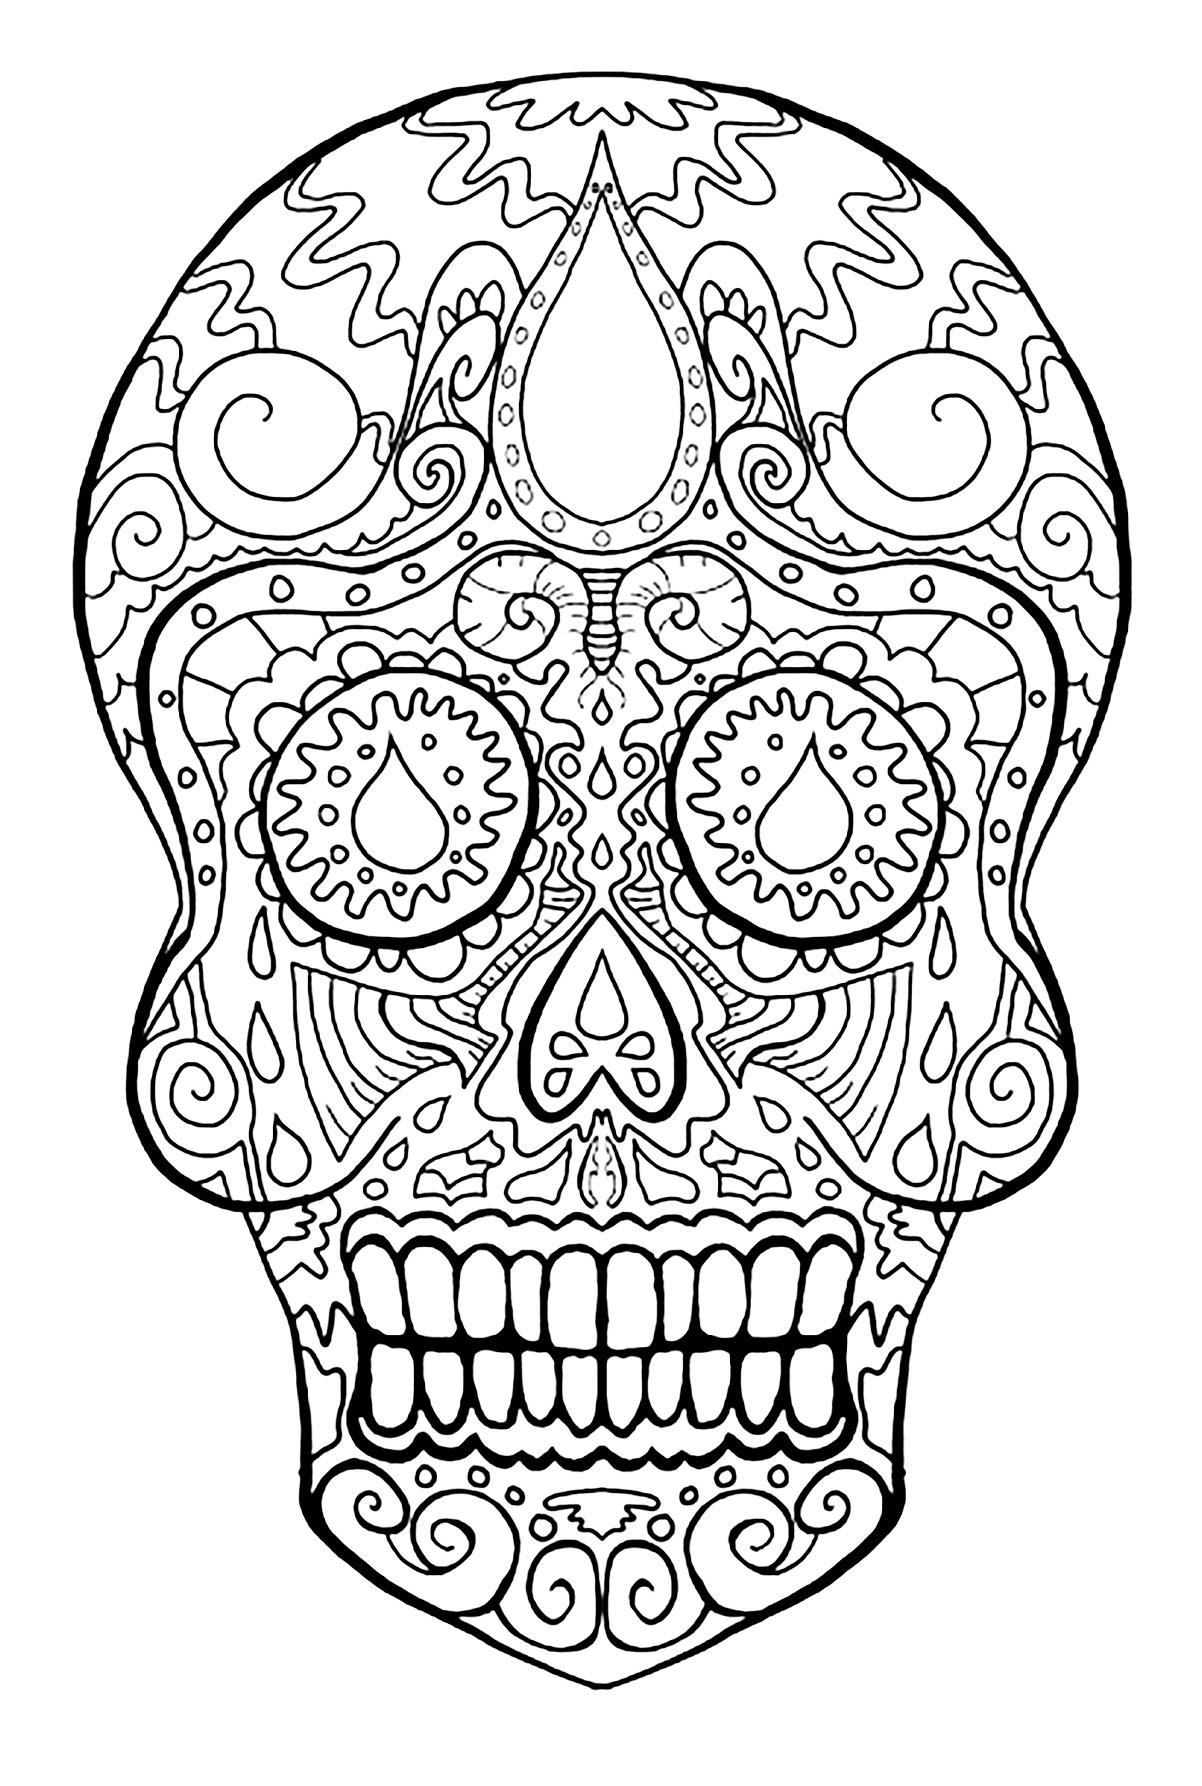 dia de los muertos coloring dia de los muertos free printable and coloring page to los coloring muertos dia de